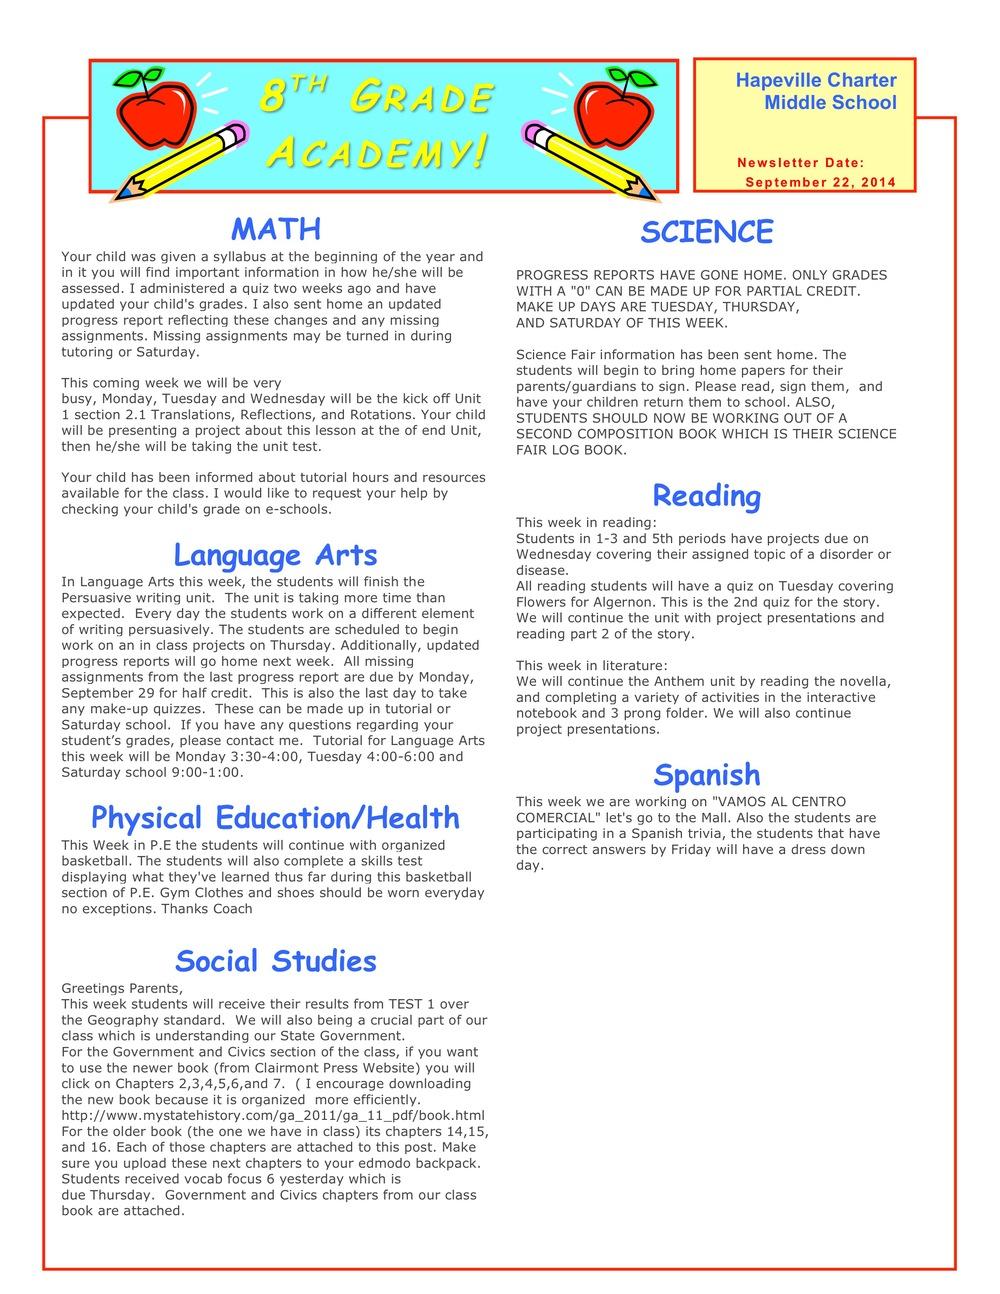 Newsletter Image8th grade September 22 2014.jpeg